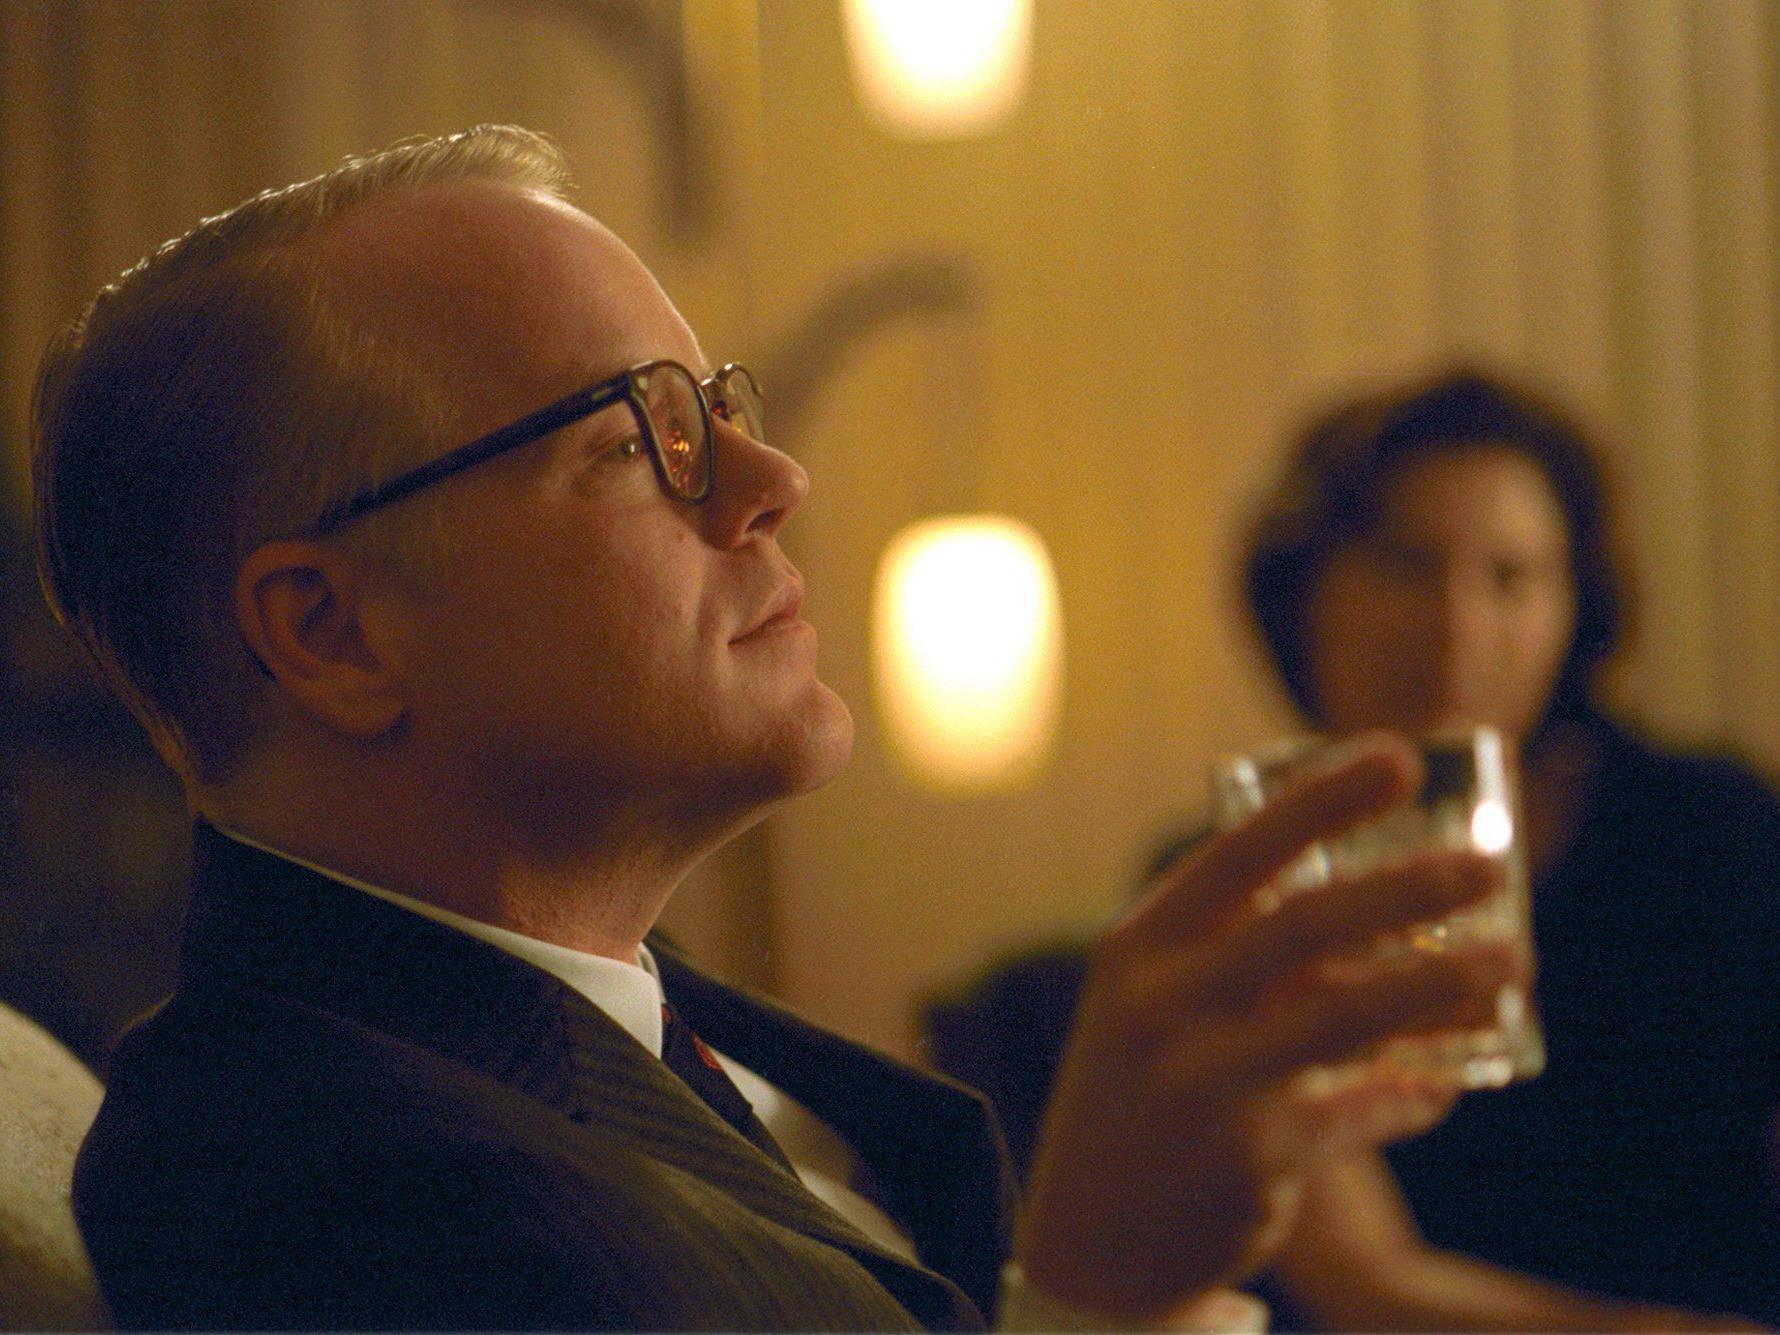 Philip Seymour Hoffman wurde kurz vor seinem Tod betrunken in einem Flieger gesichtet.